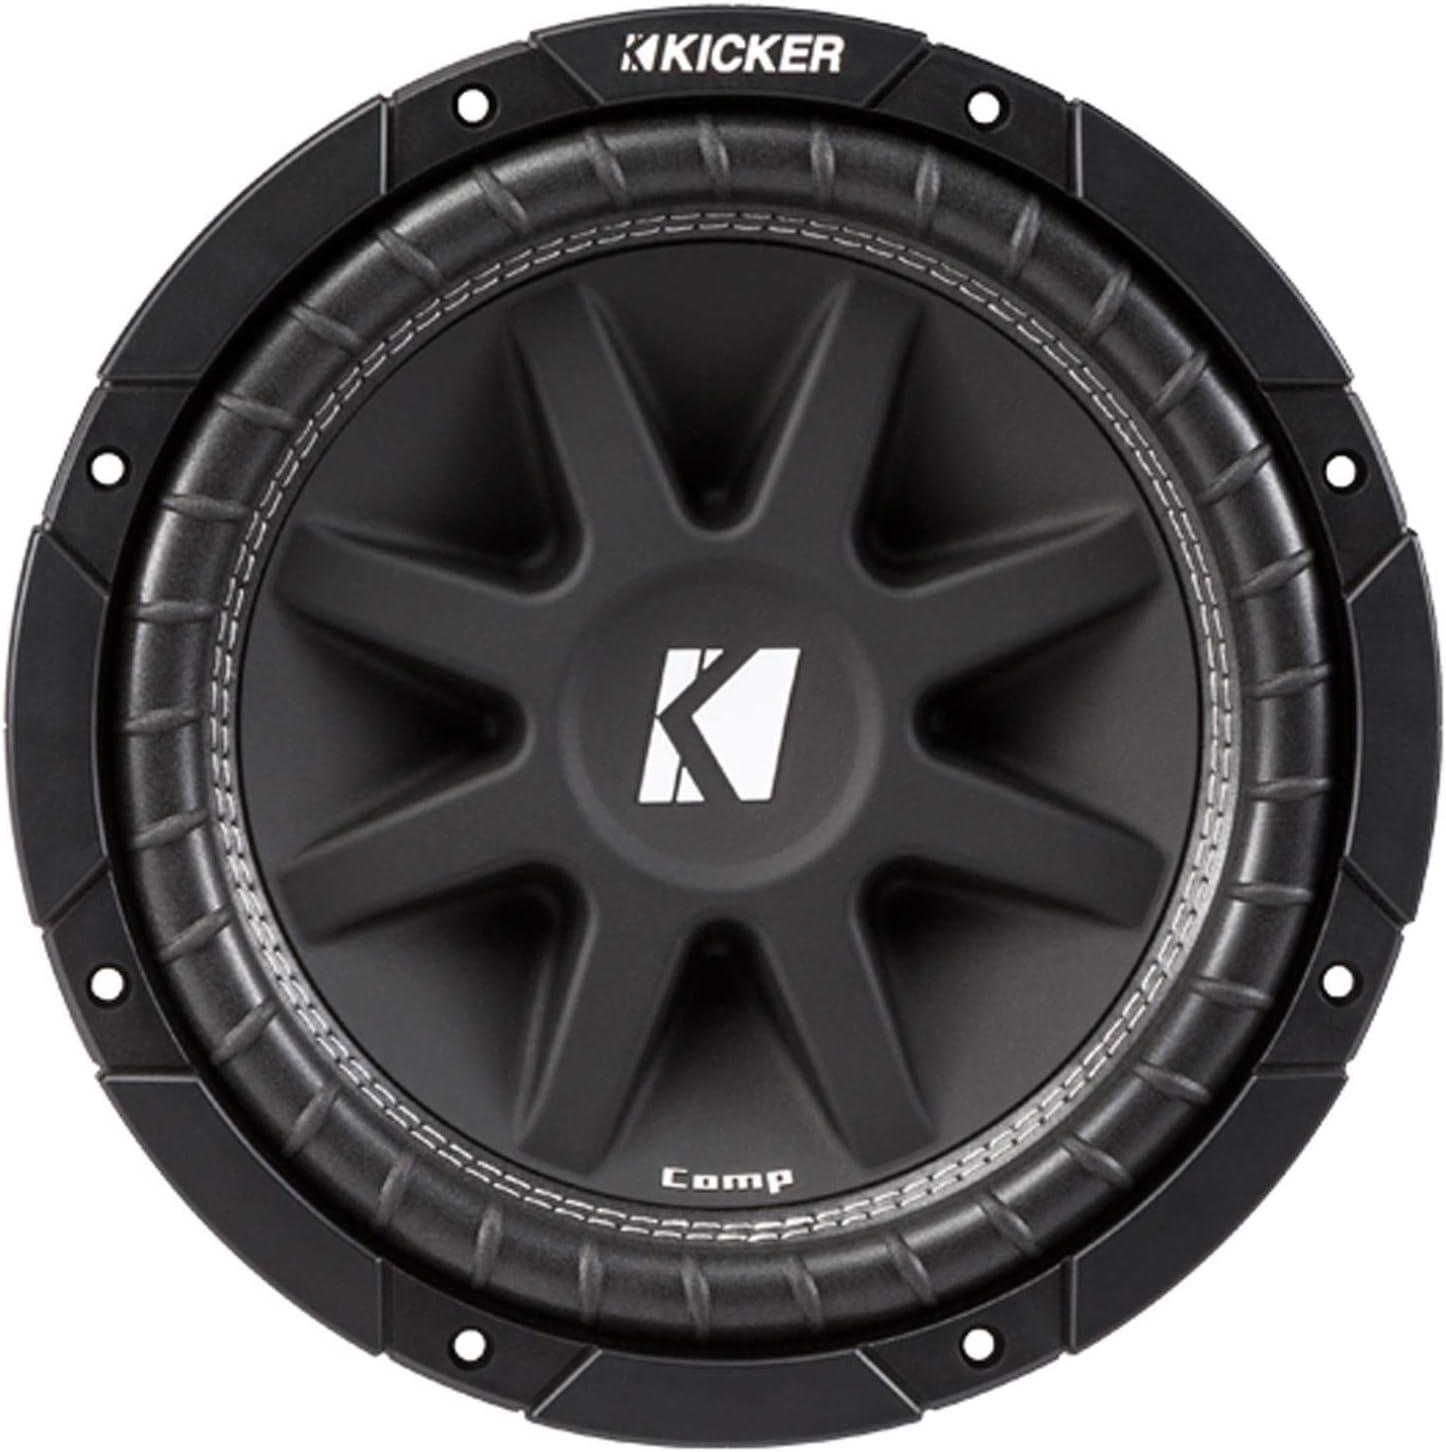 Box//Enclosure KICKER C104 10 300W COMP 4-Ohm Subwoofer Sub Woofer C10 43C104